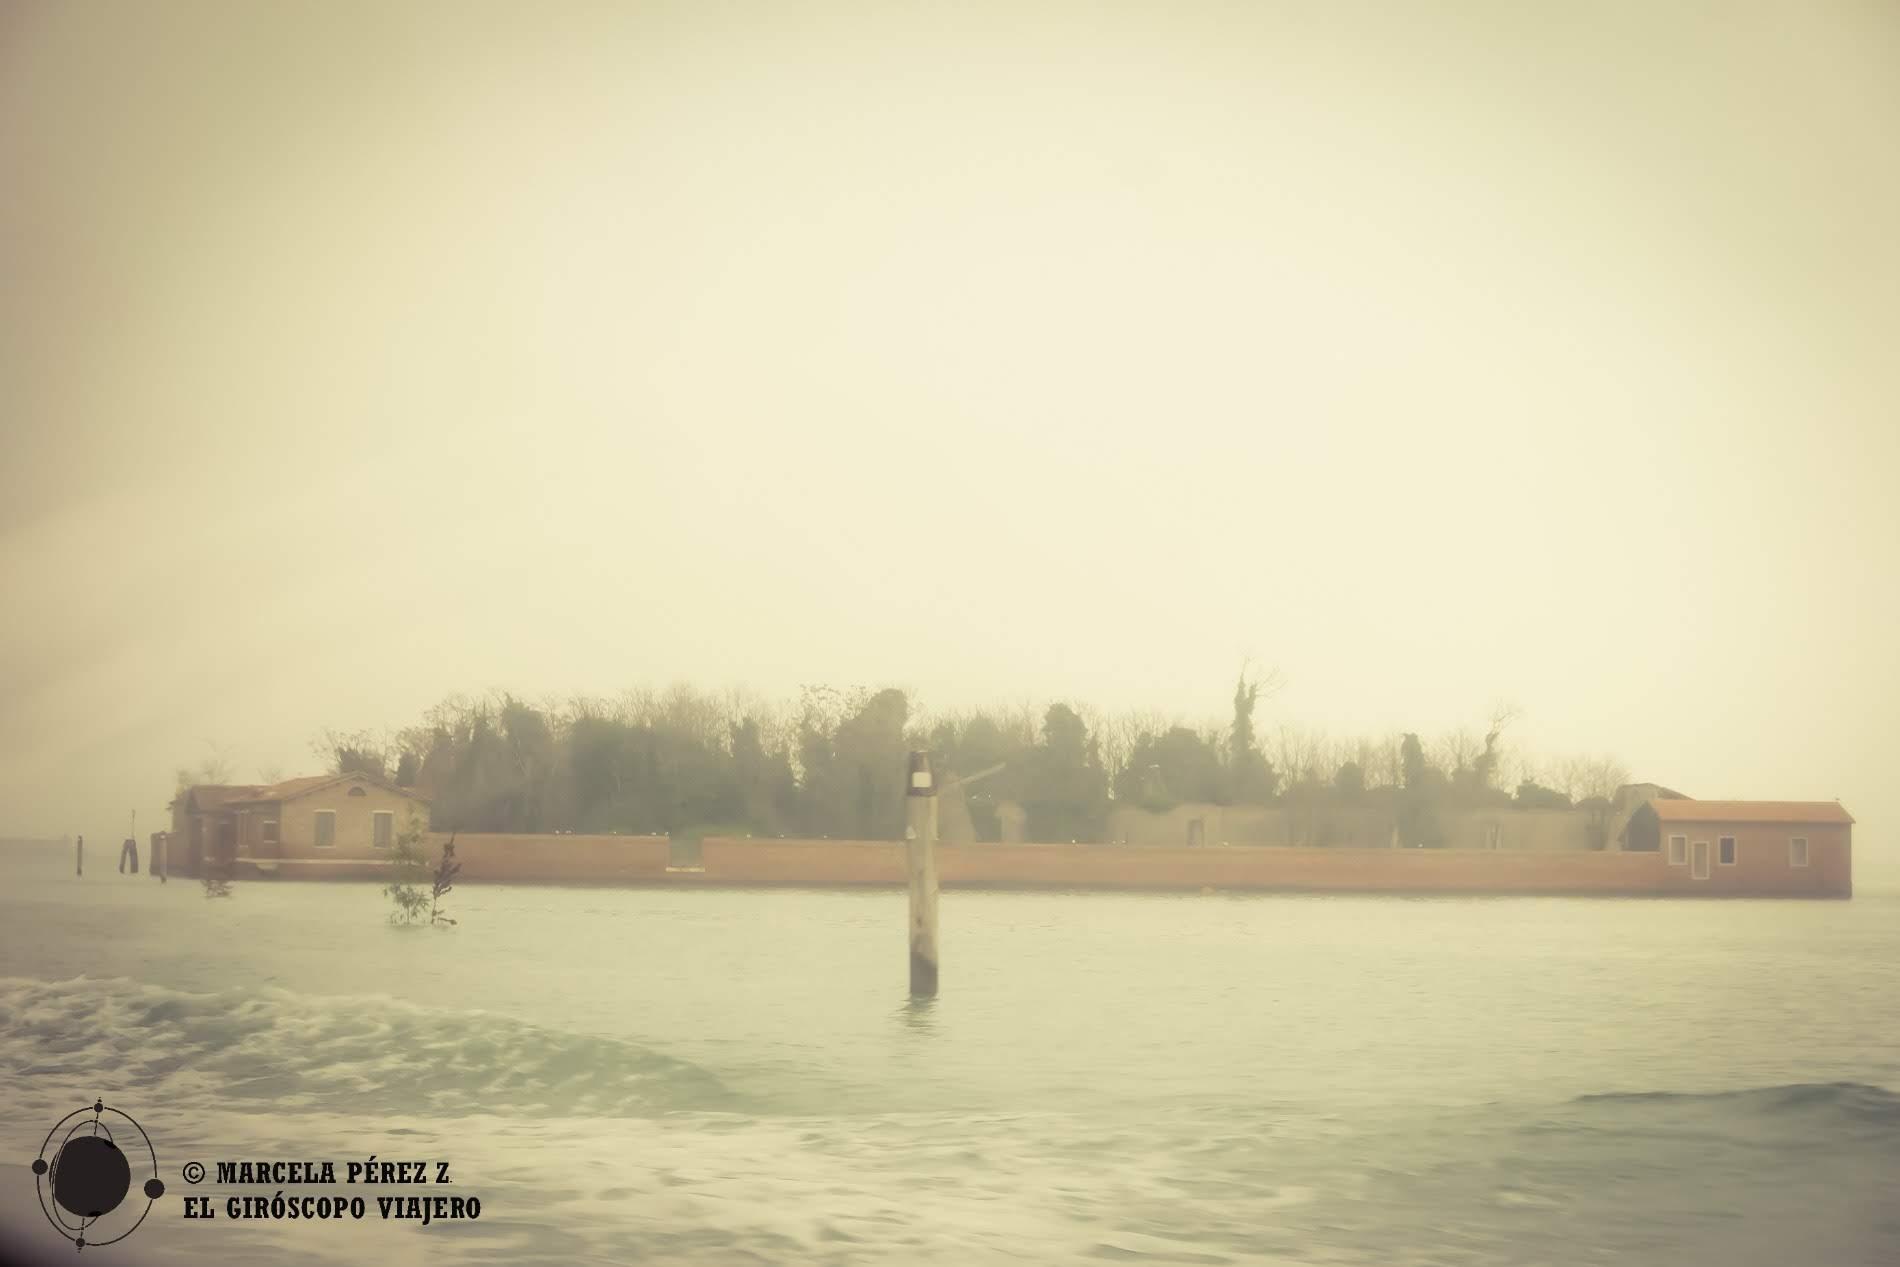 Estampa casi espectral de la isla de San Giacomo in Paludo en nuestro camino rimbo a Burano ©Marcela Pérez Z.